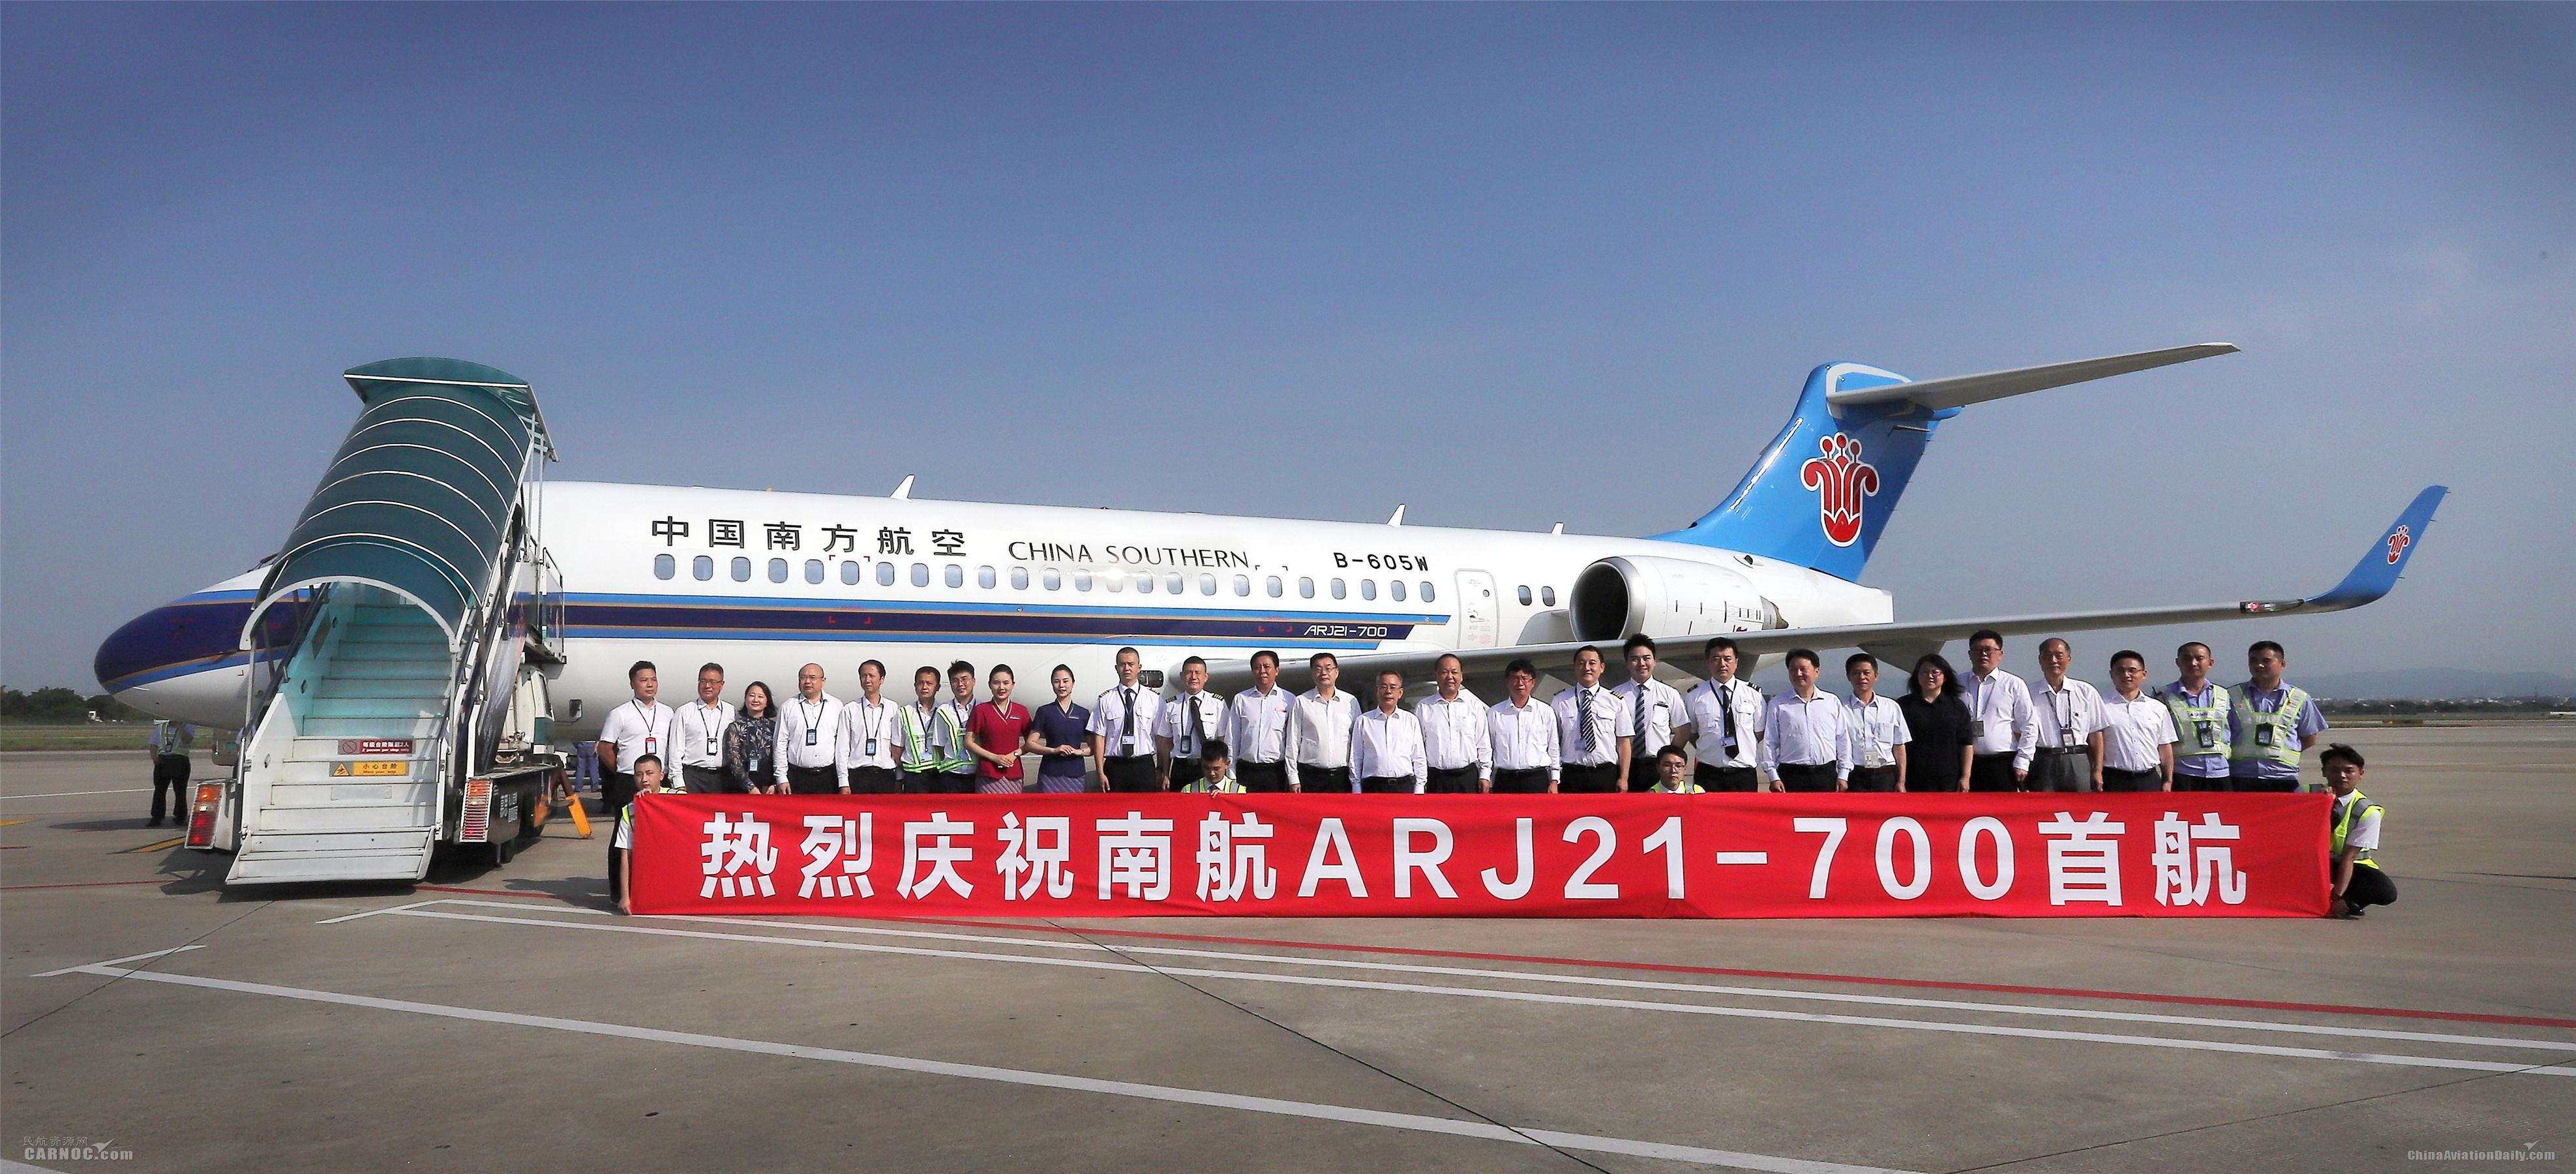 南航首架国产ARJ21飞机正式投入商业运营